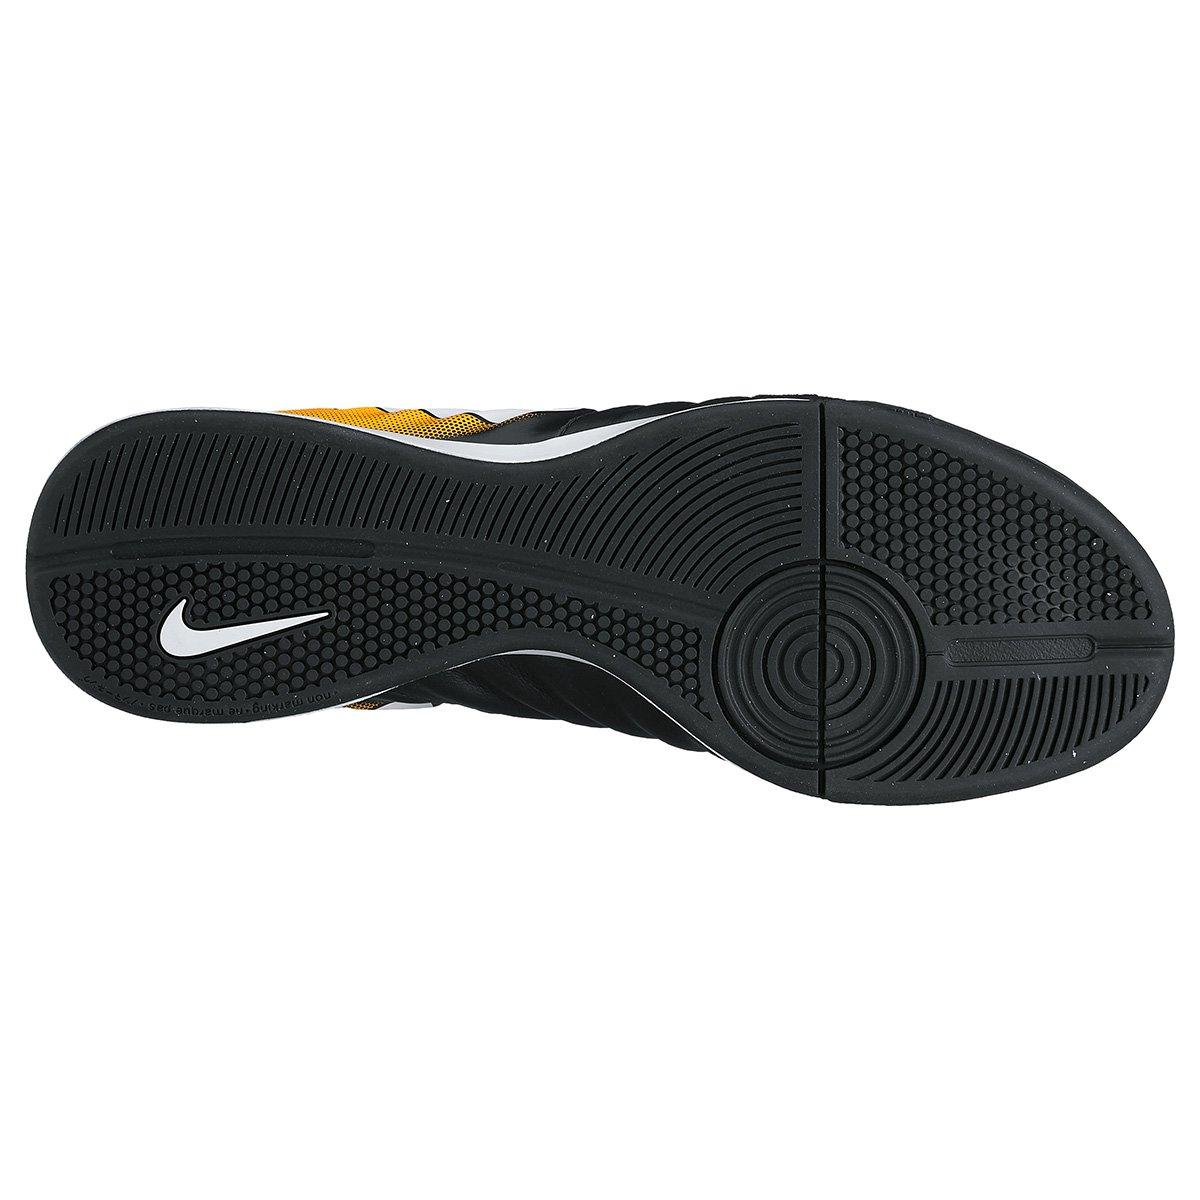 Chuteira Futsal Nike Tiempo Ligera 4 IC - Preto e Laranja - Compre ... 4de42c865a3d4